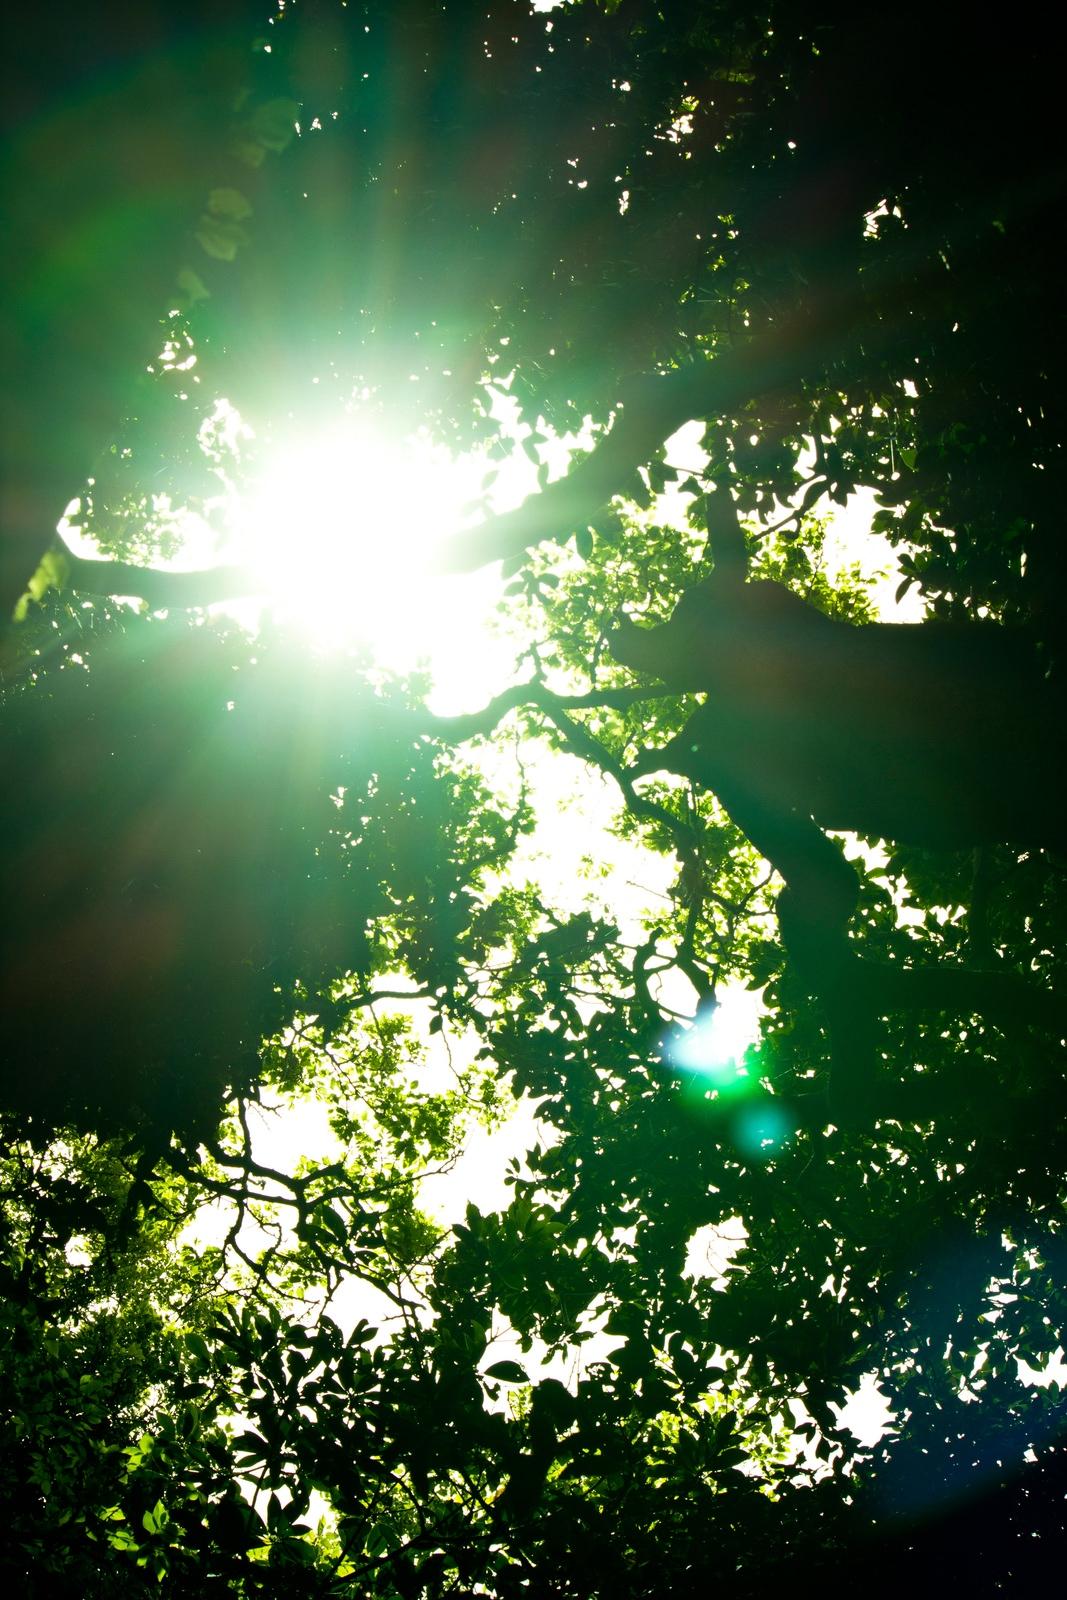 猿島の木漏れ日猿島の木漏れ日